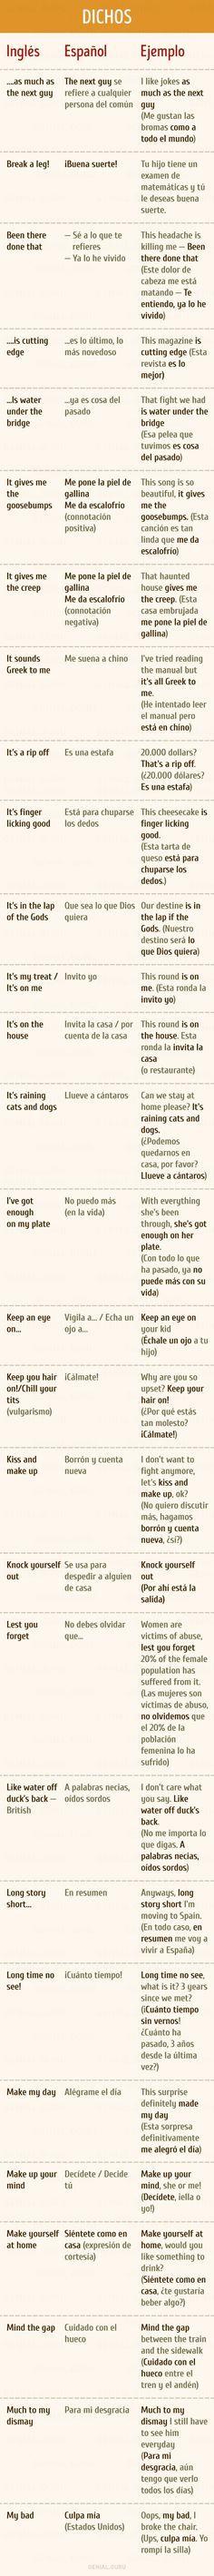 Expresiones coloquiales en inglés que todos debemos saber